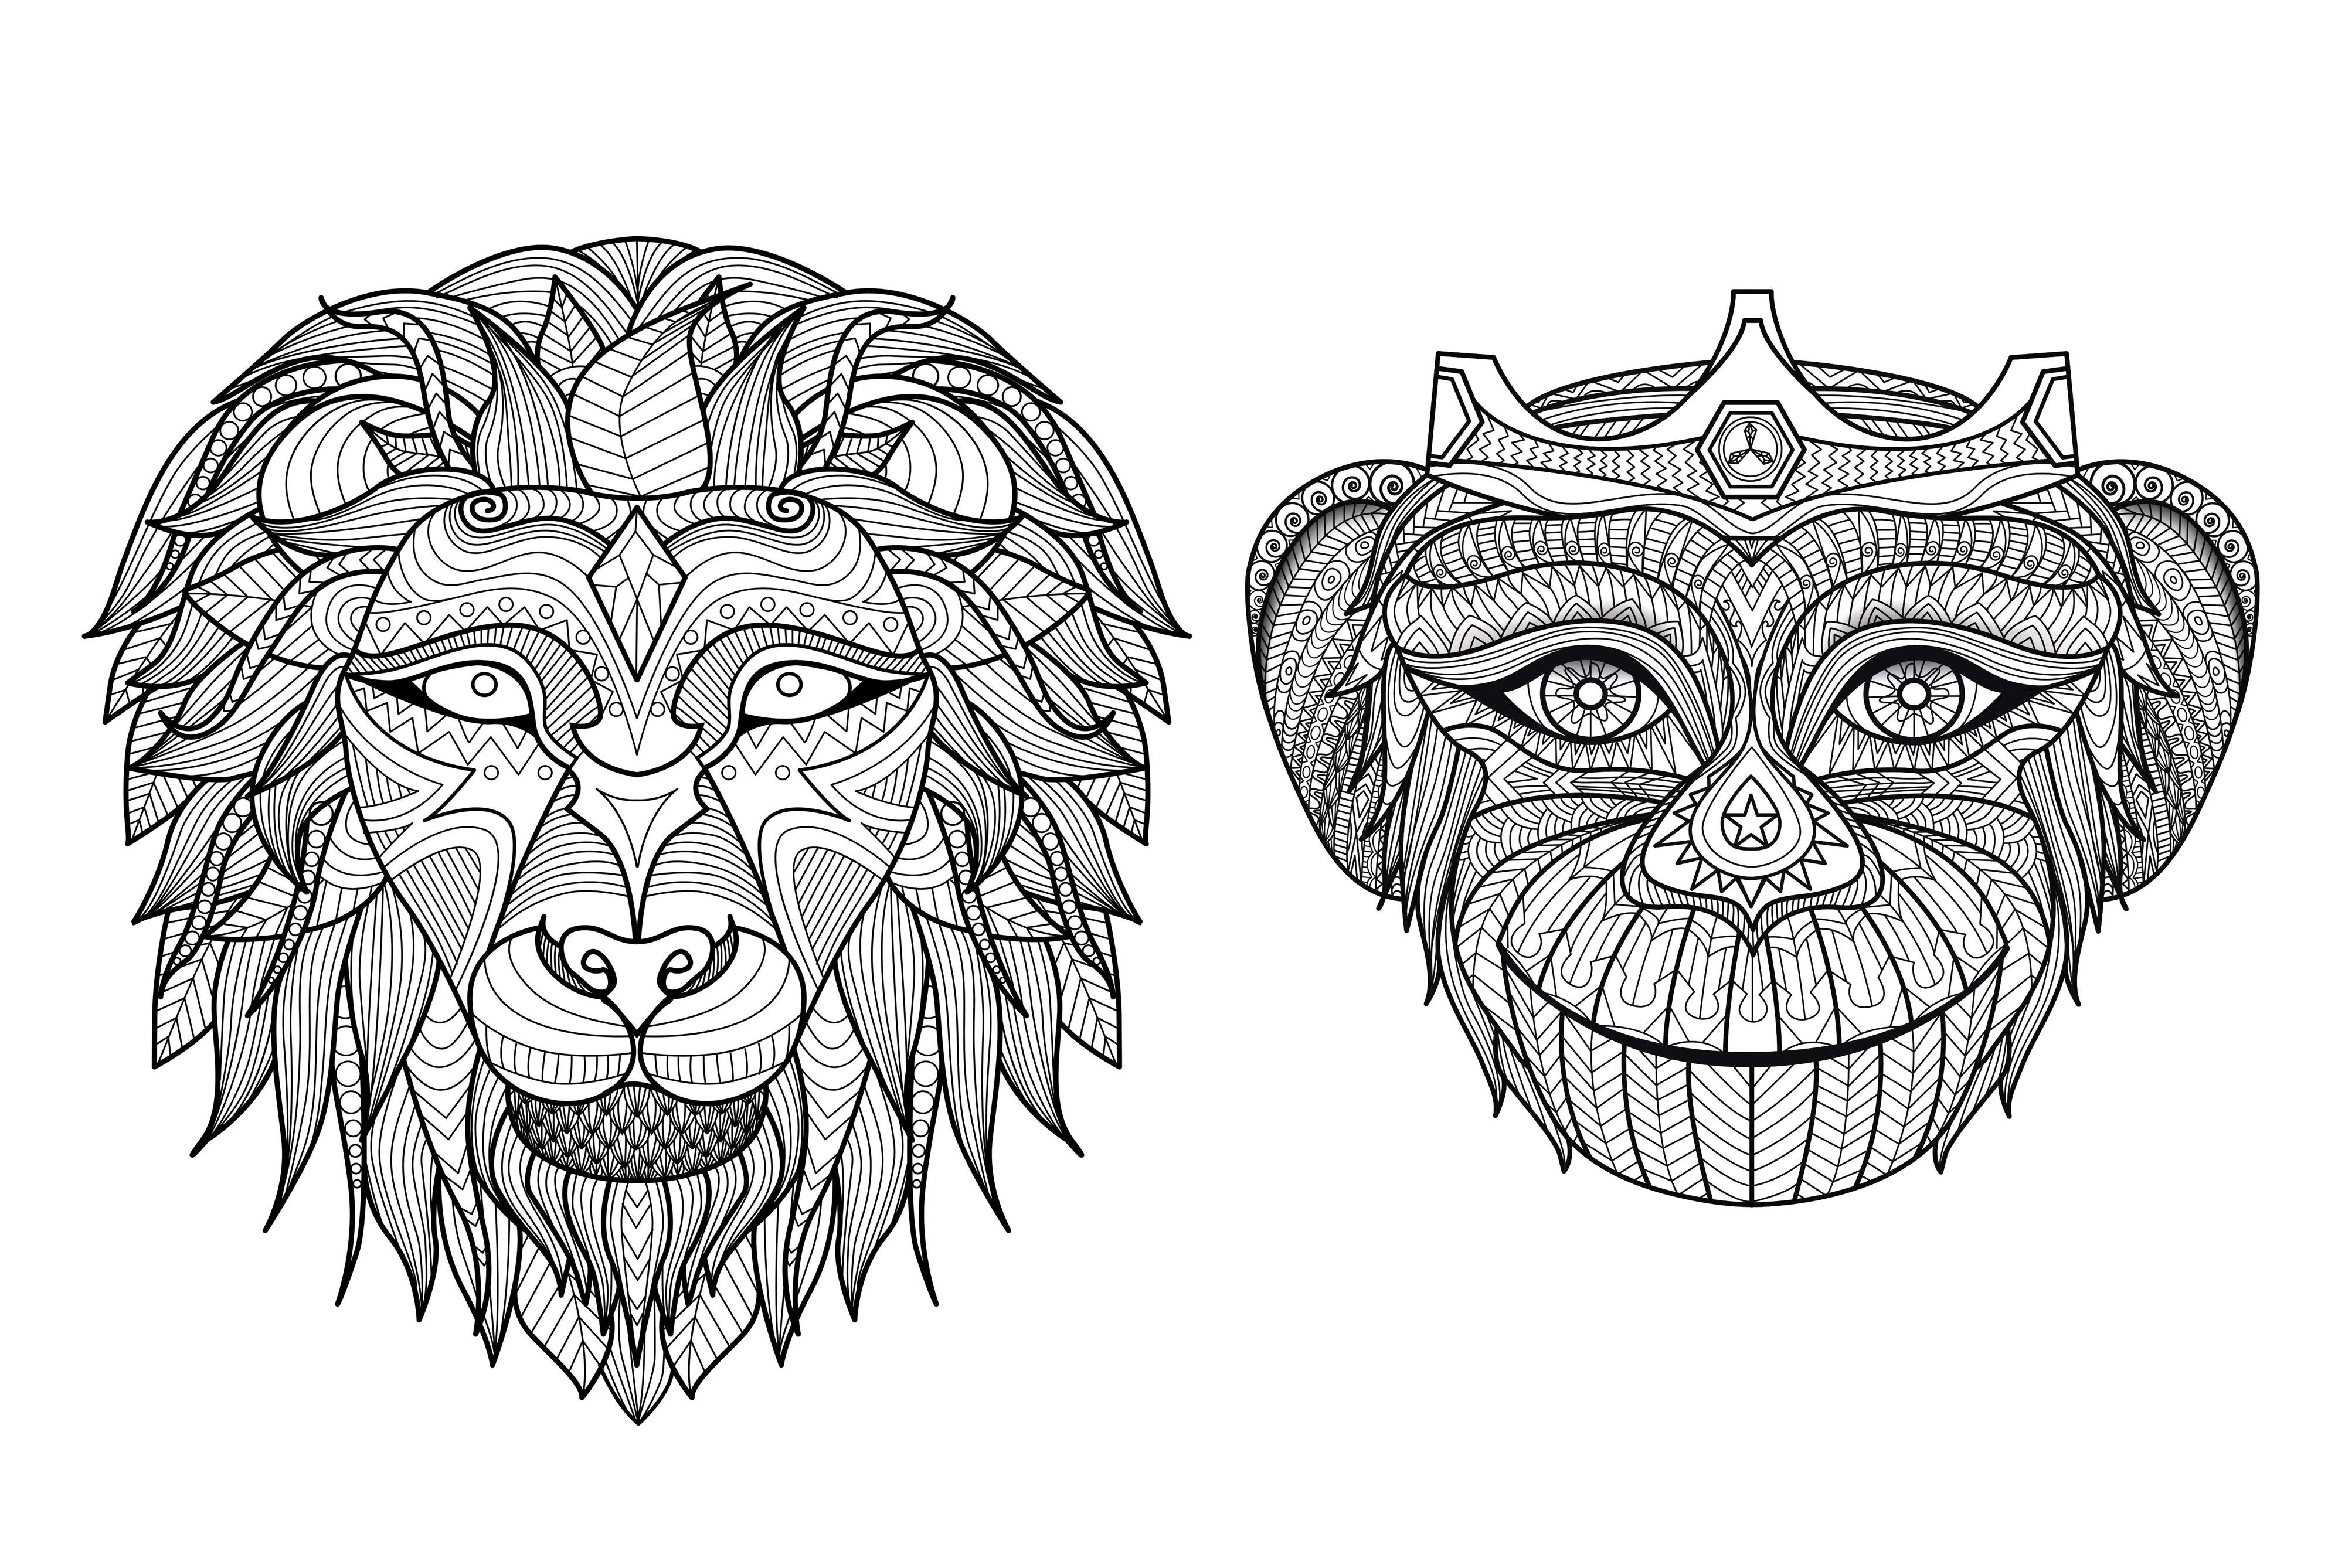 Afrique tetes singe lionA partir de la galerie : Afrique